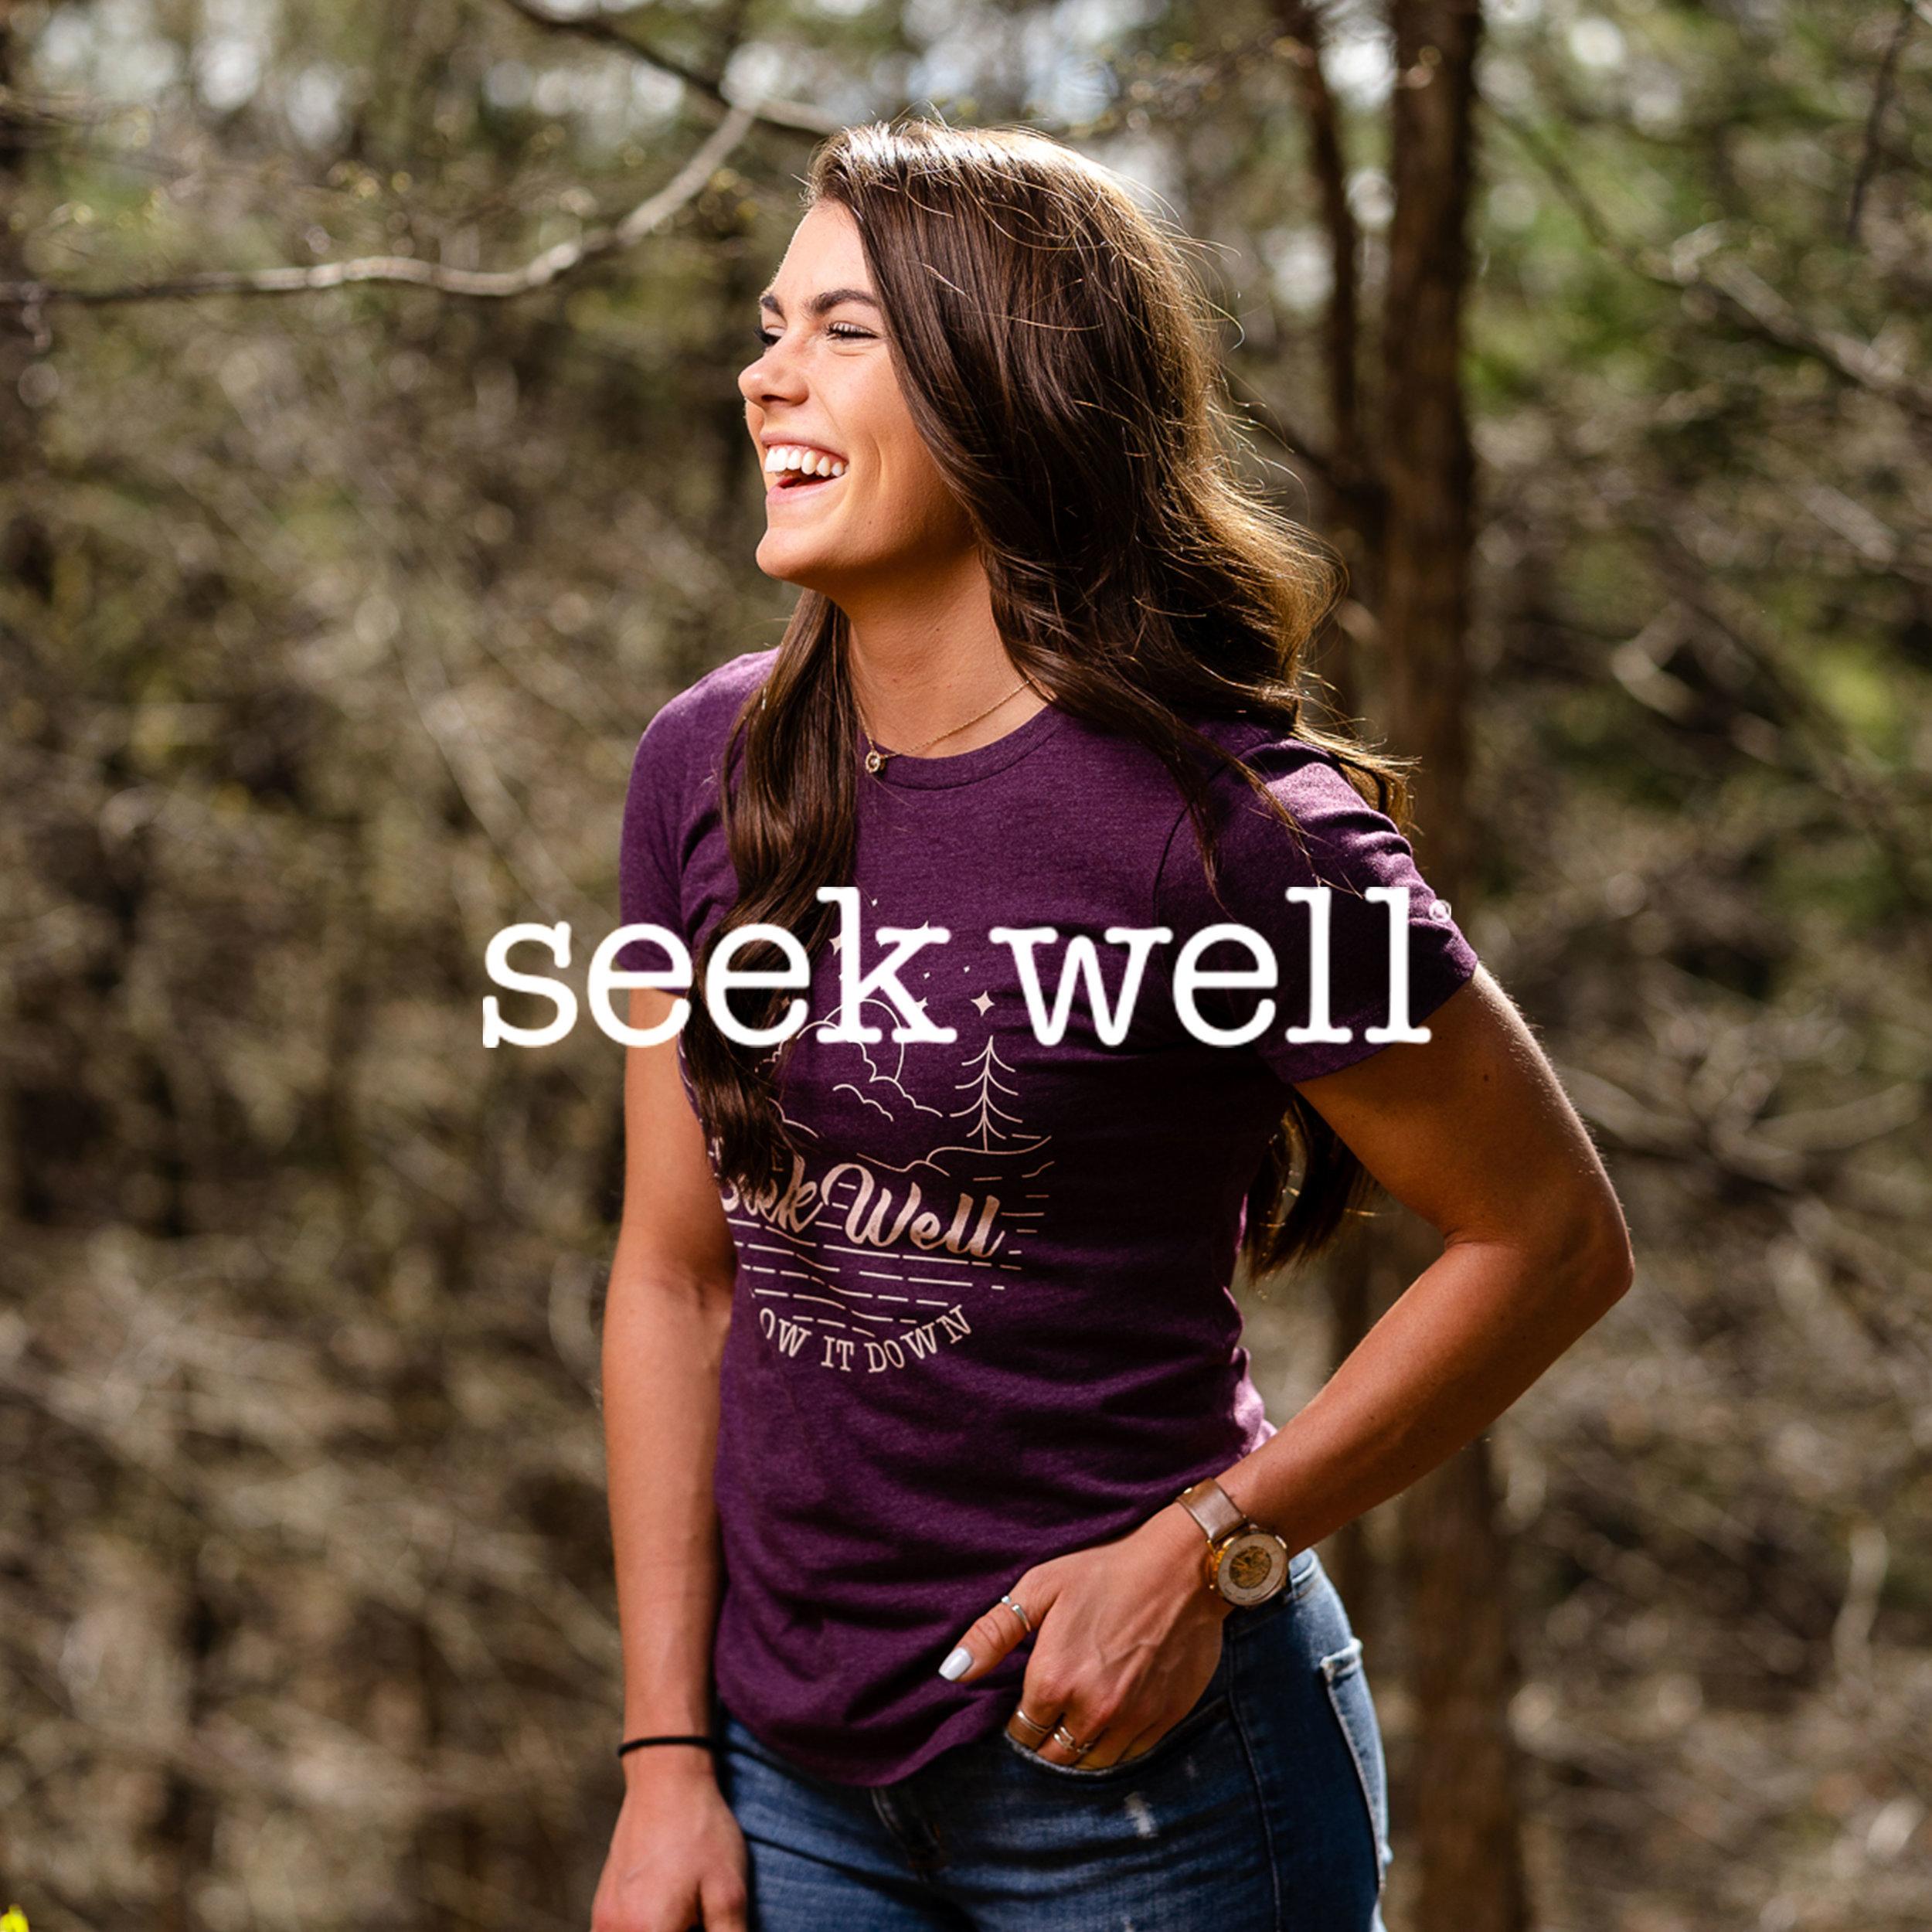 Seek Well